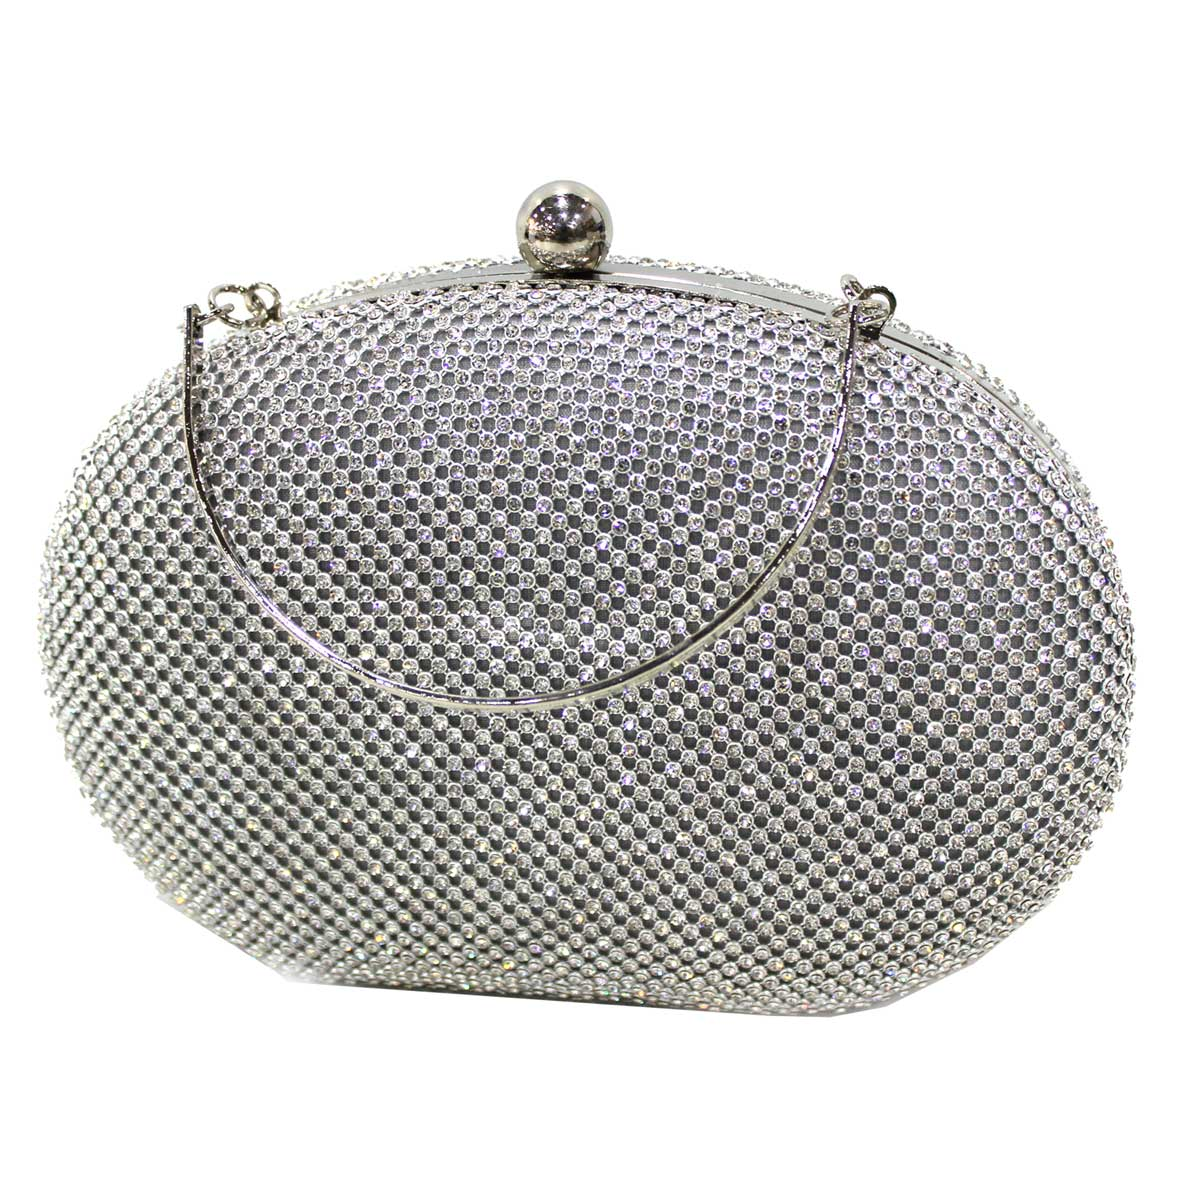 e7fc184e9d Women's clutch purse hand bag for elegant evening ceremony event party 11391